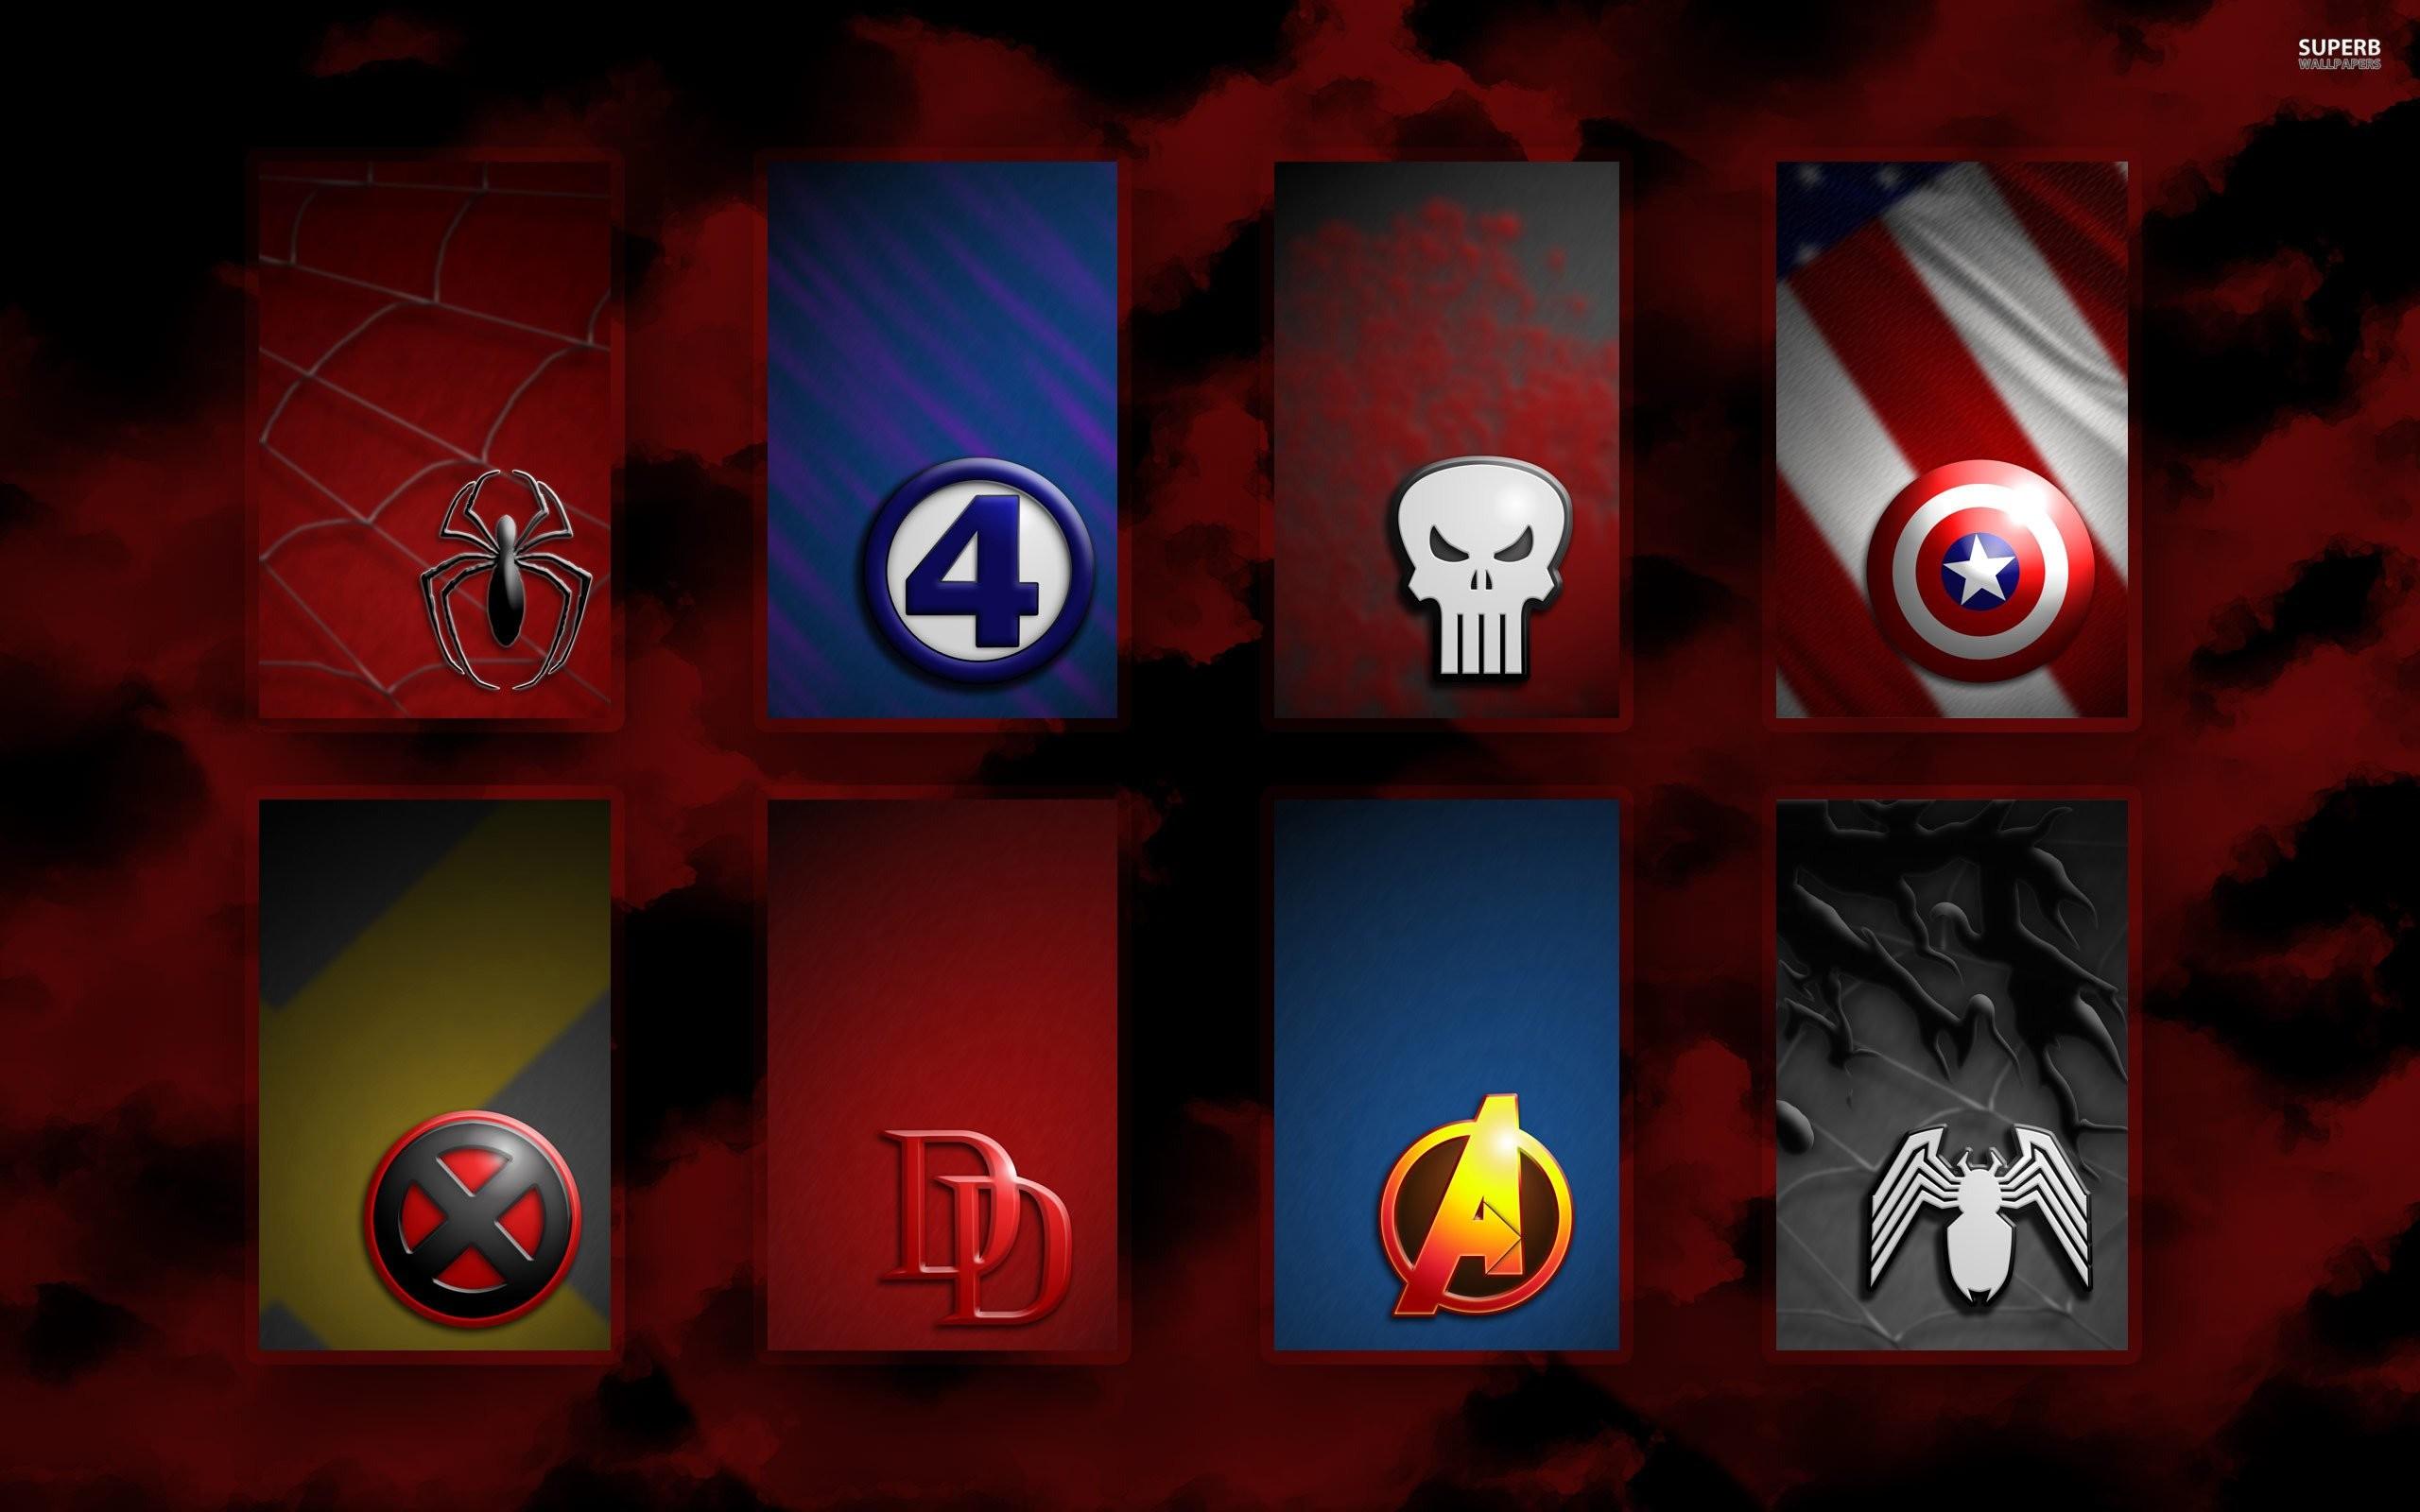 Marvel Superhero Signs